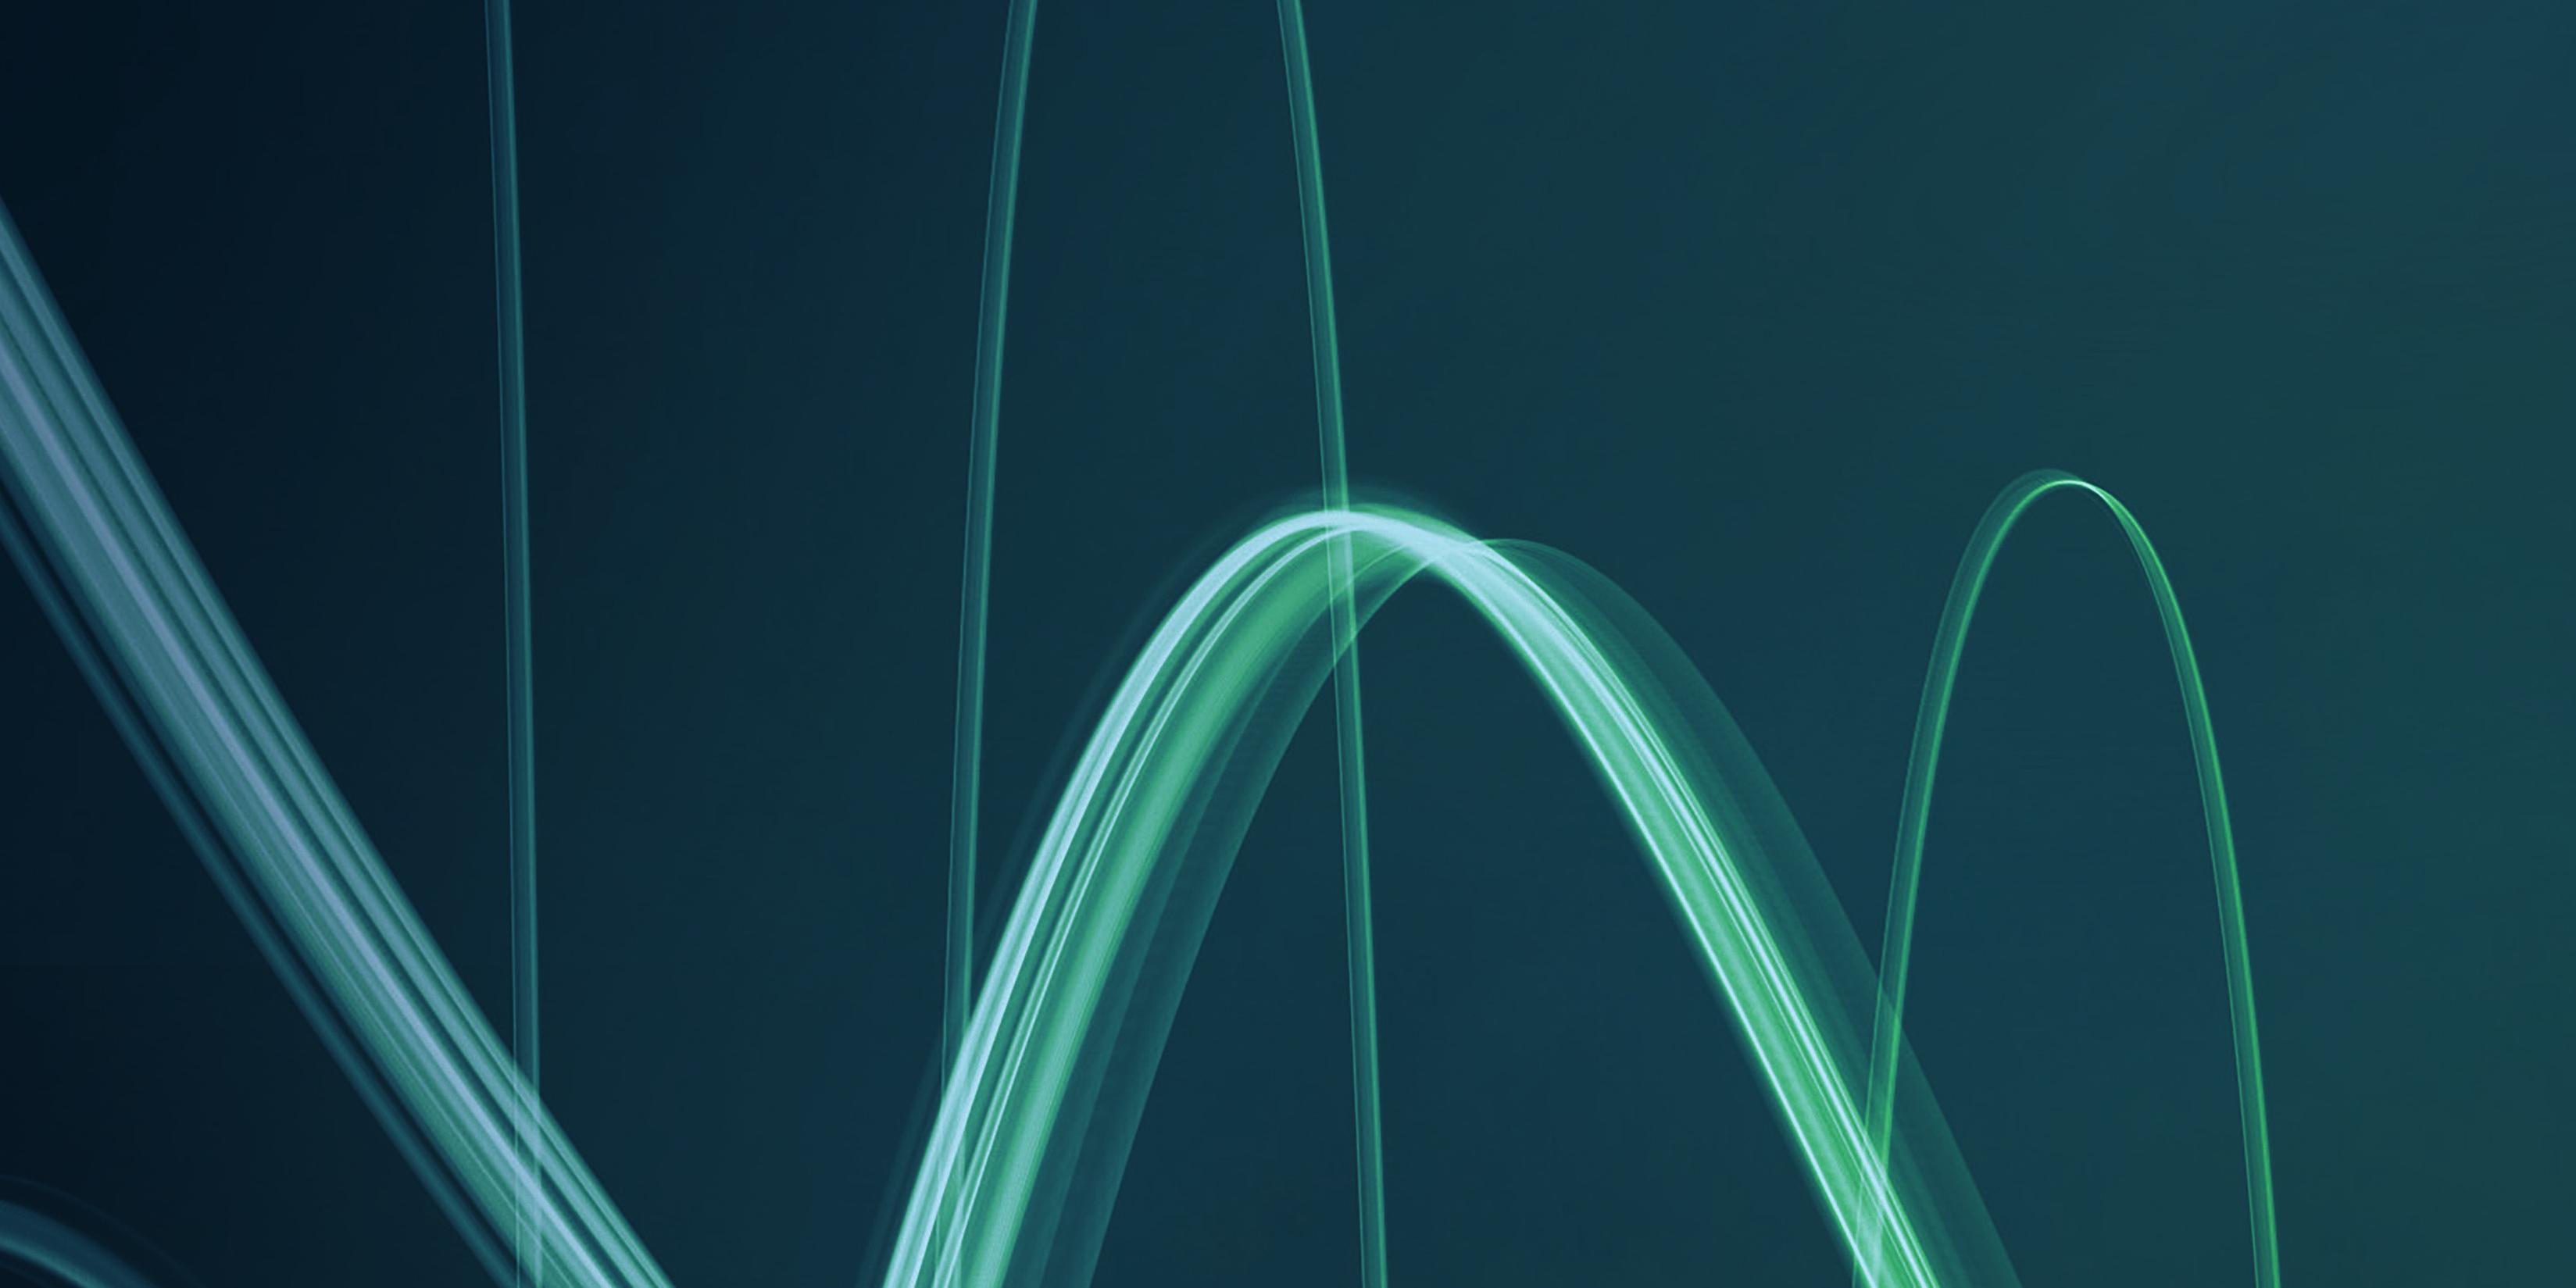 MONOKI gestaltet den Relaunch der Produktmarke Symfona.